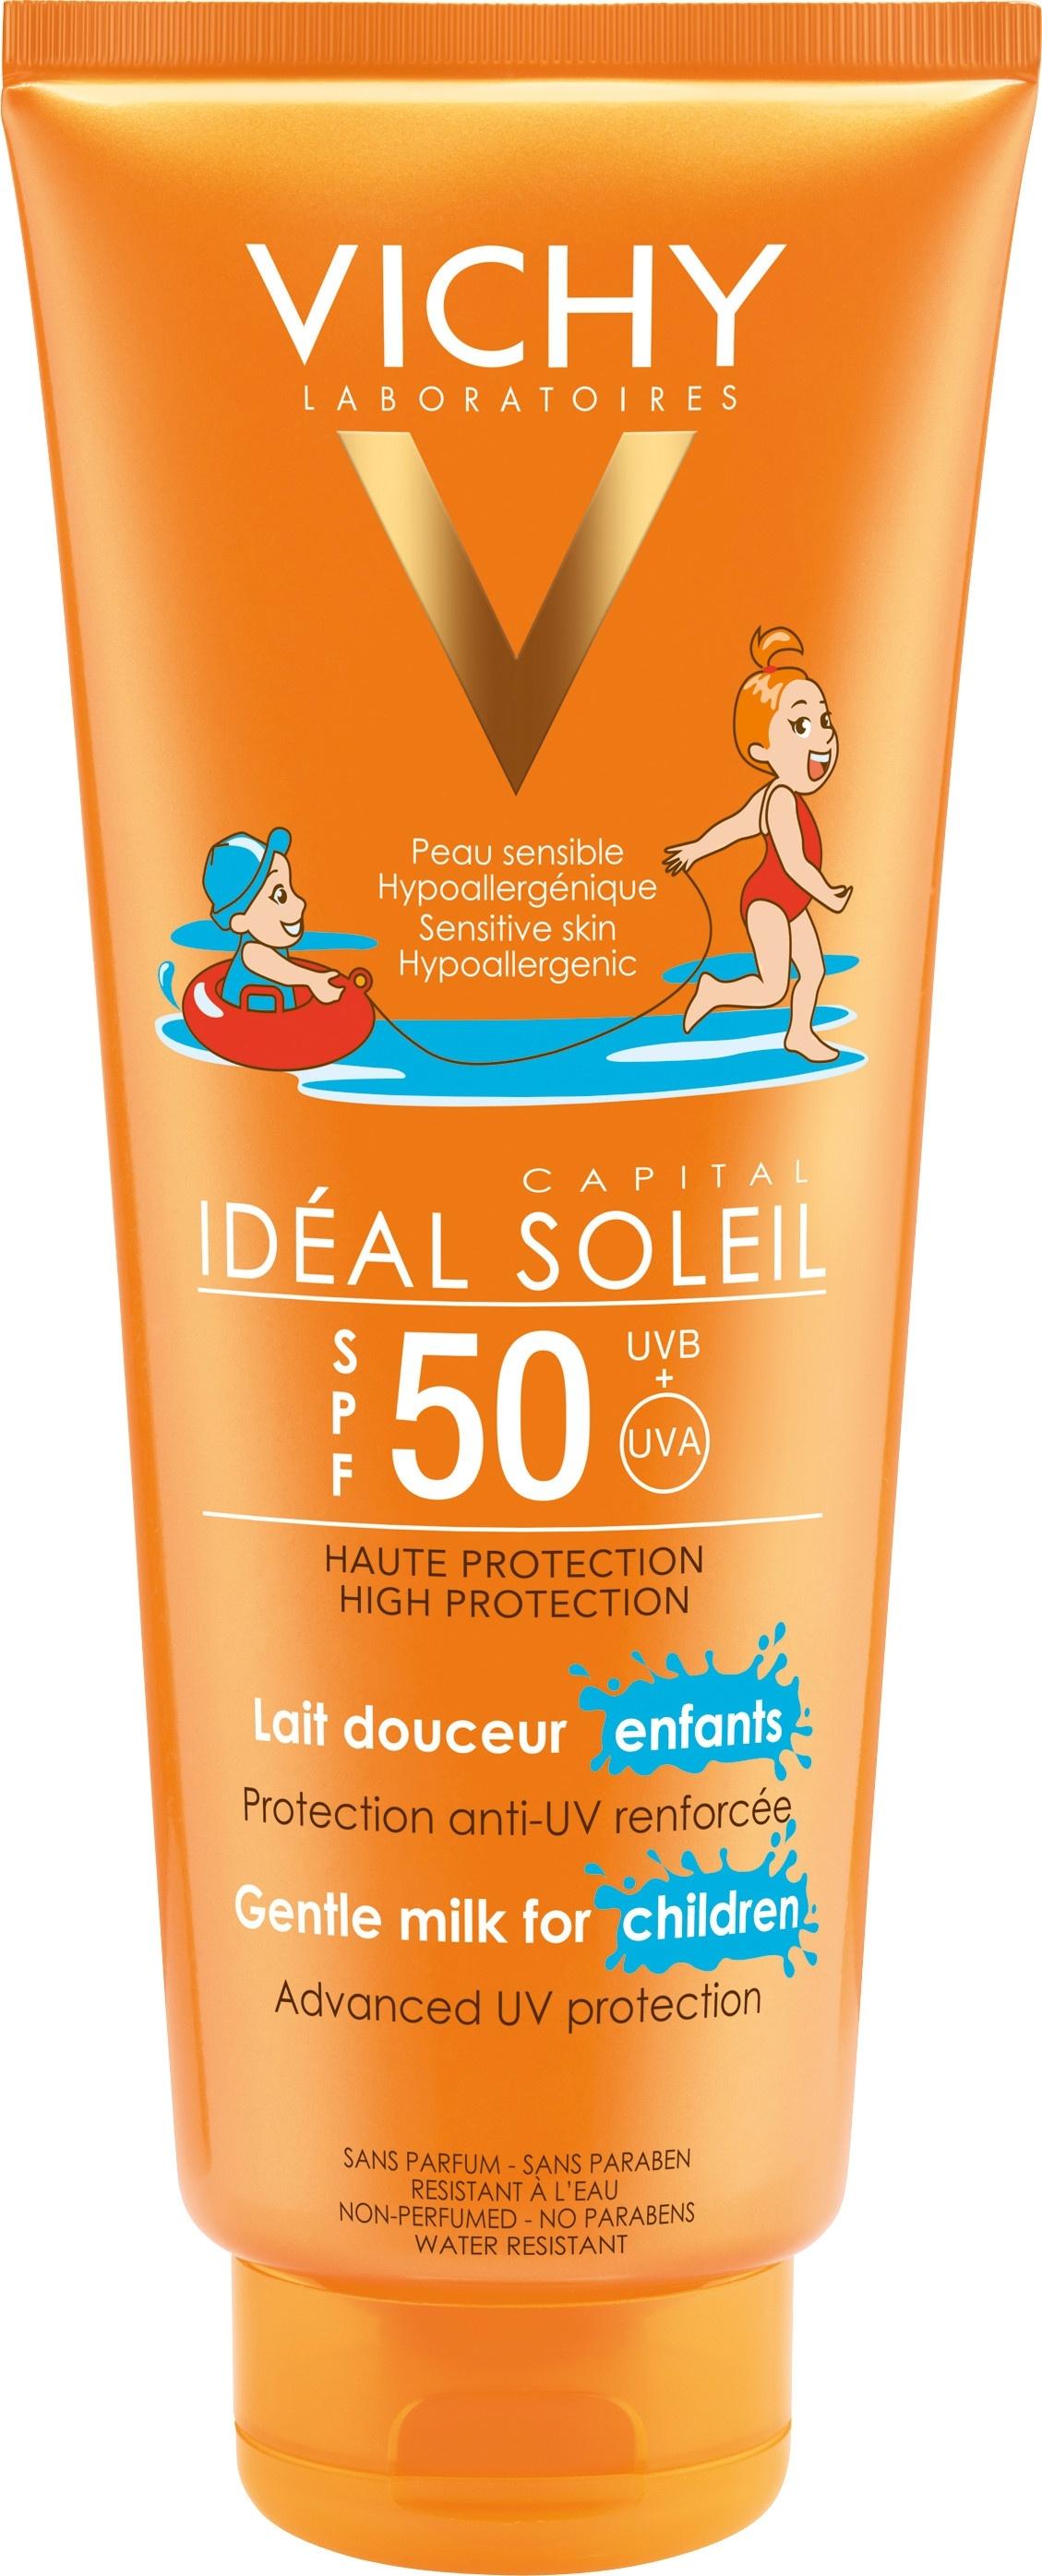 Vichy Ideal Soleil Gentle Milk For Children SPF50 300ml